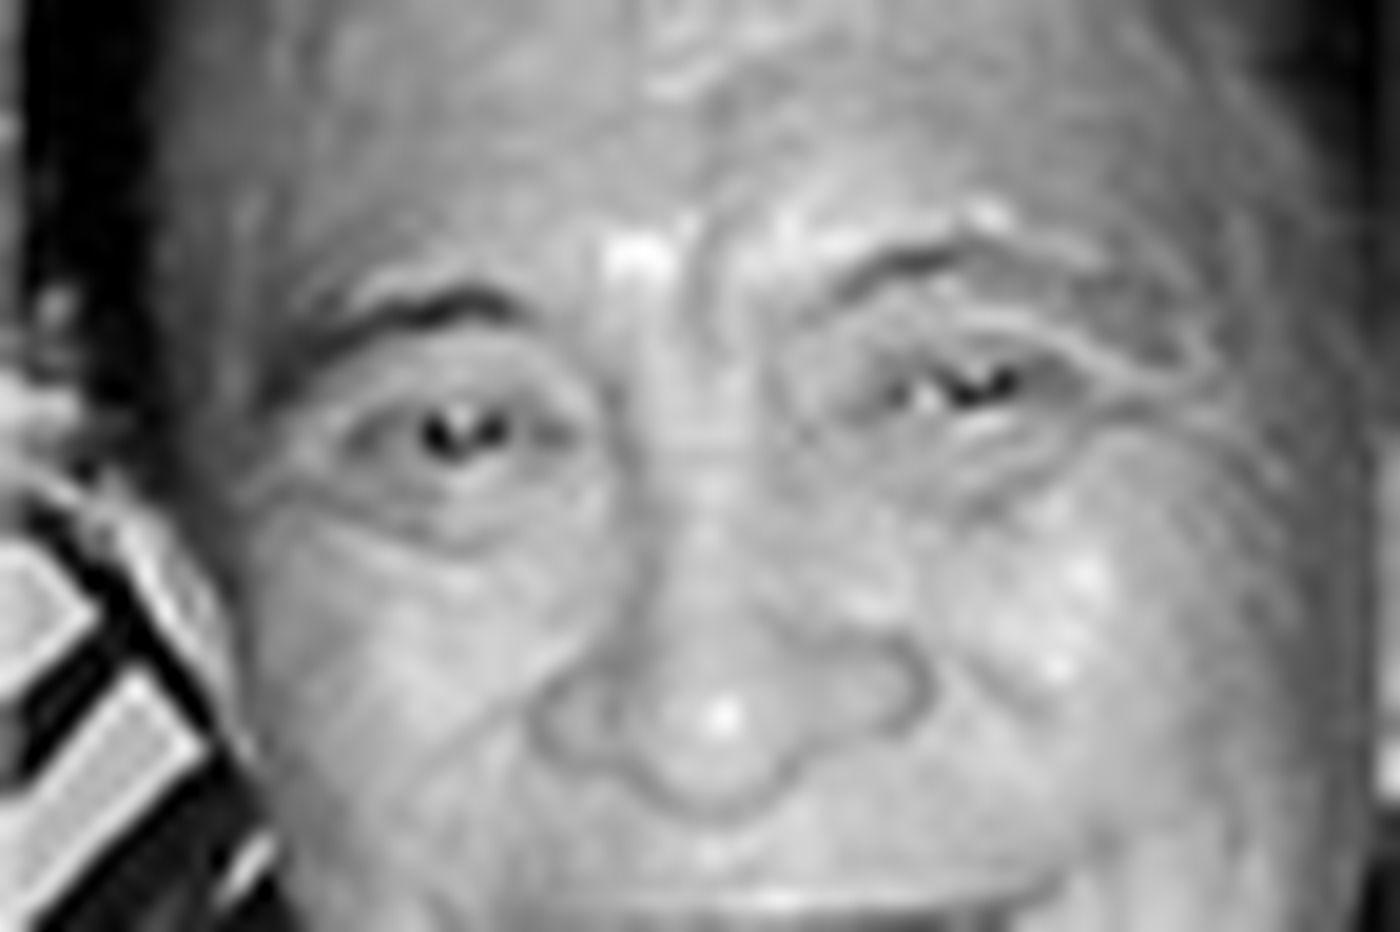 Nacianceno Largoza, 84, a family doctor